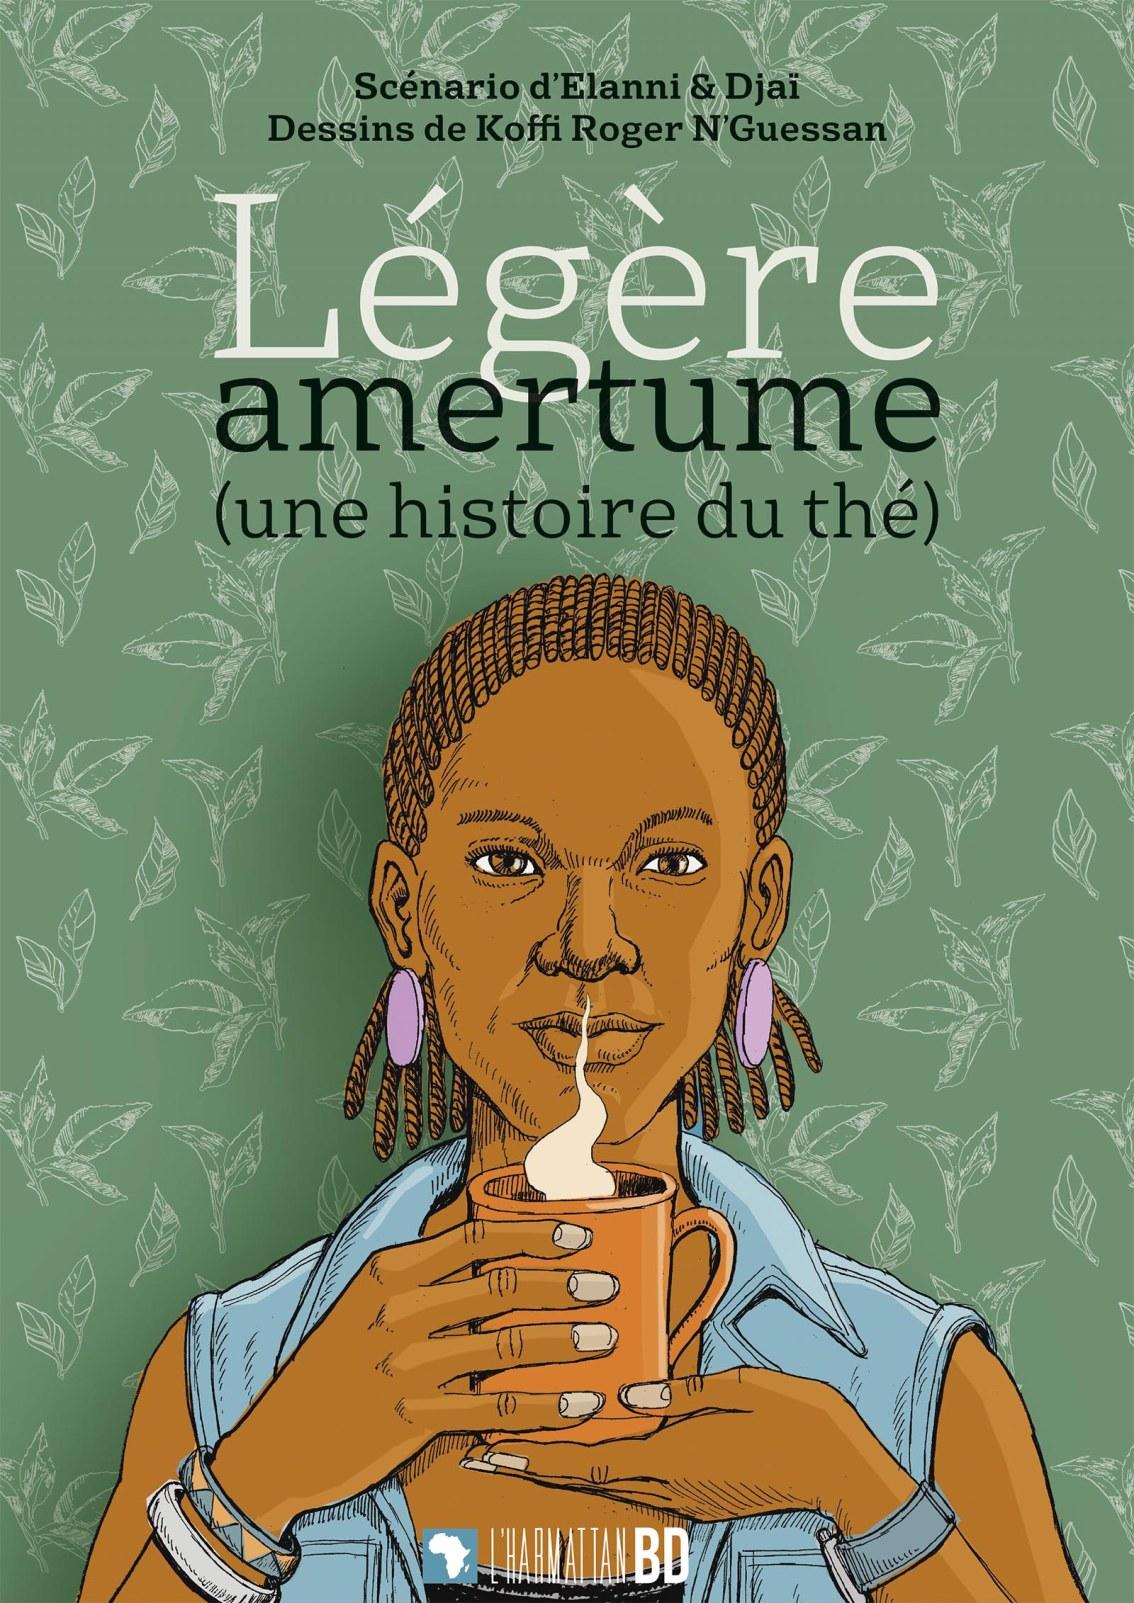 Légère amertume (une histoire de thé) -Elanni & Djaï –  Koffi Roger Nguessan –2018